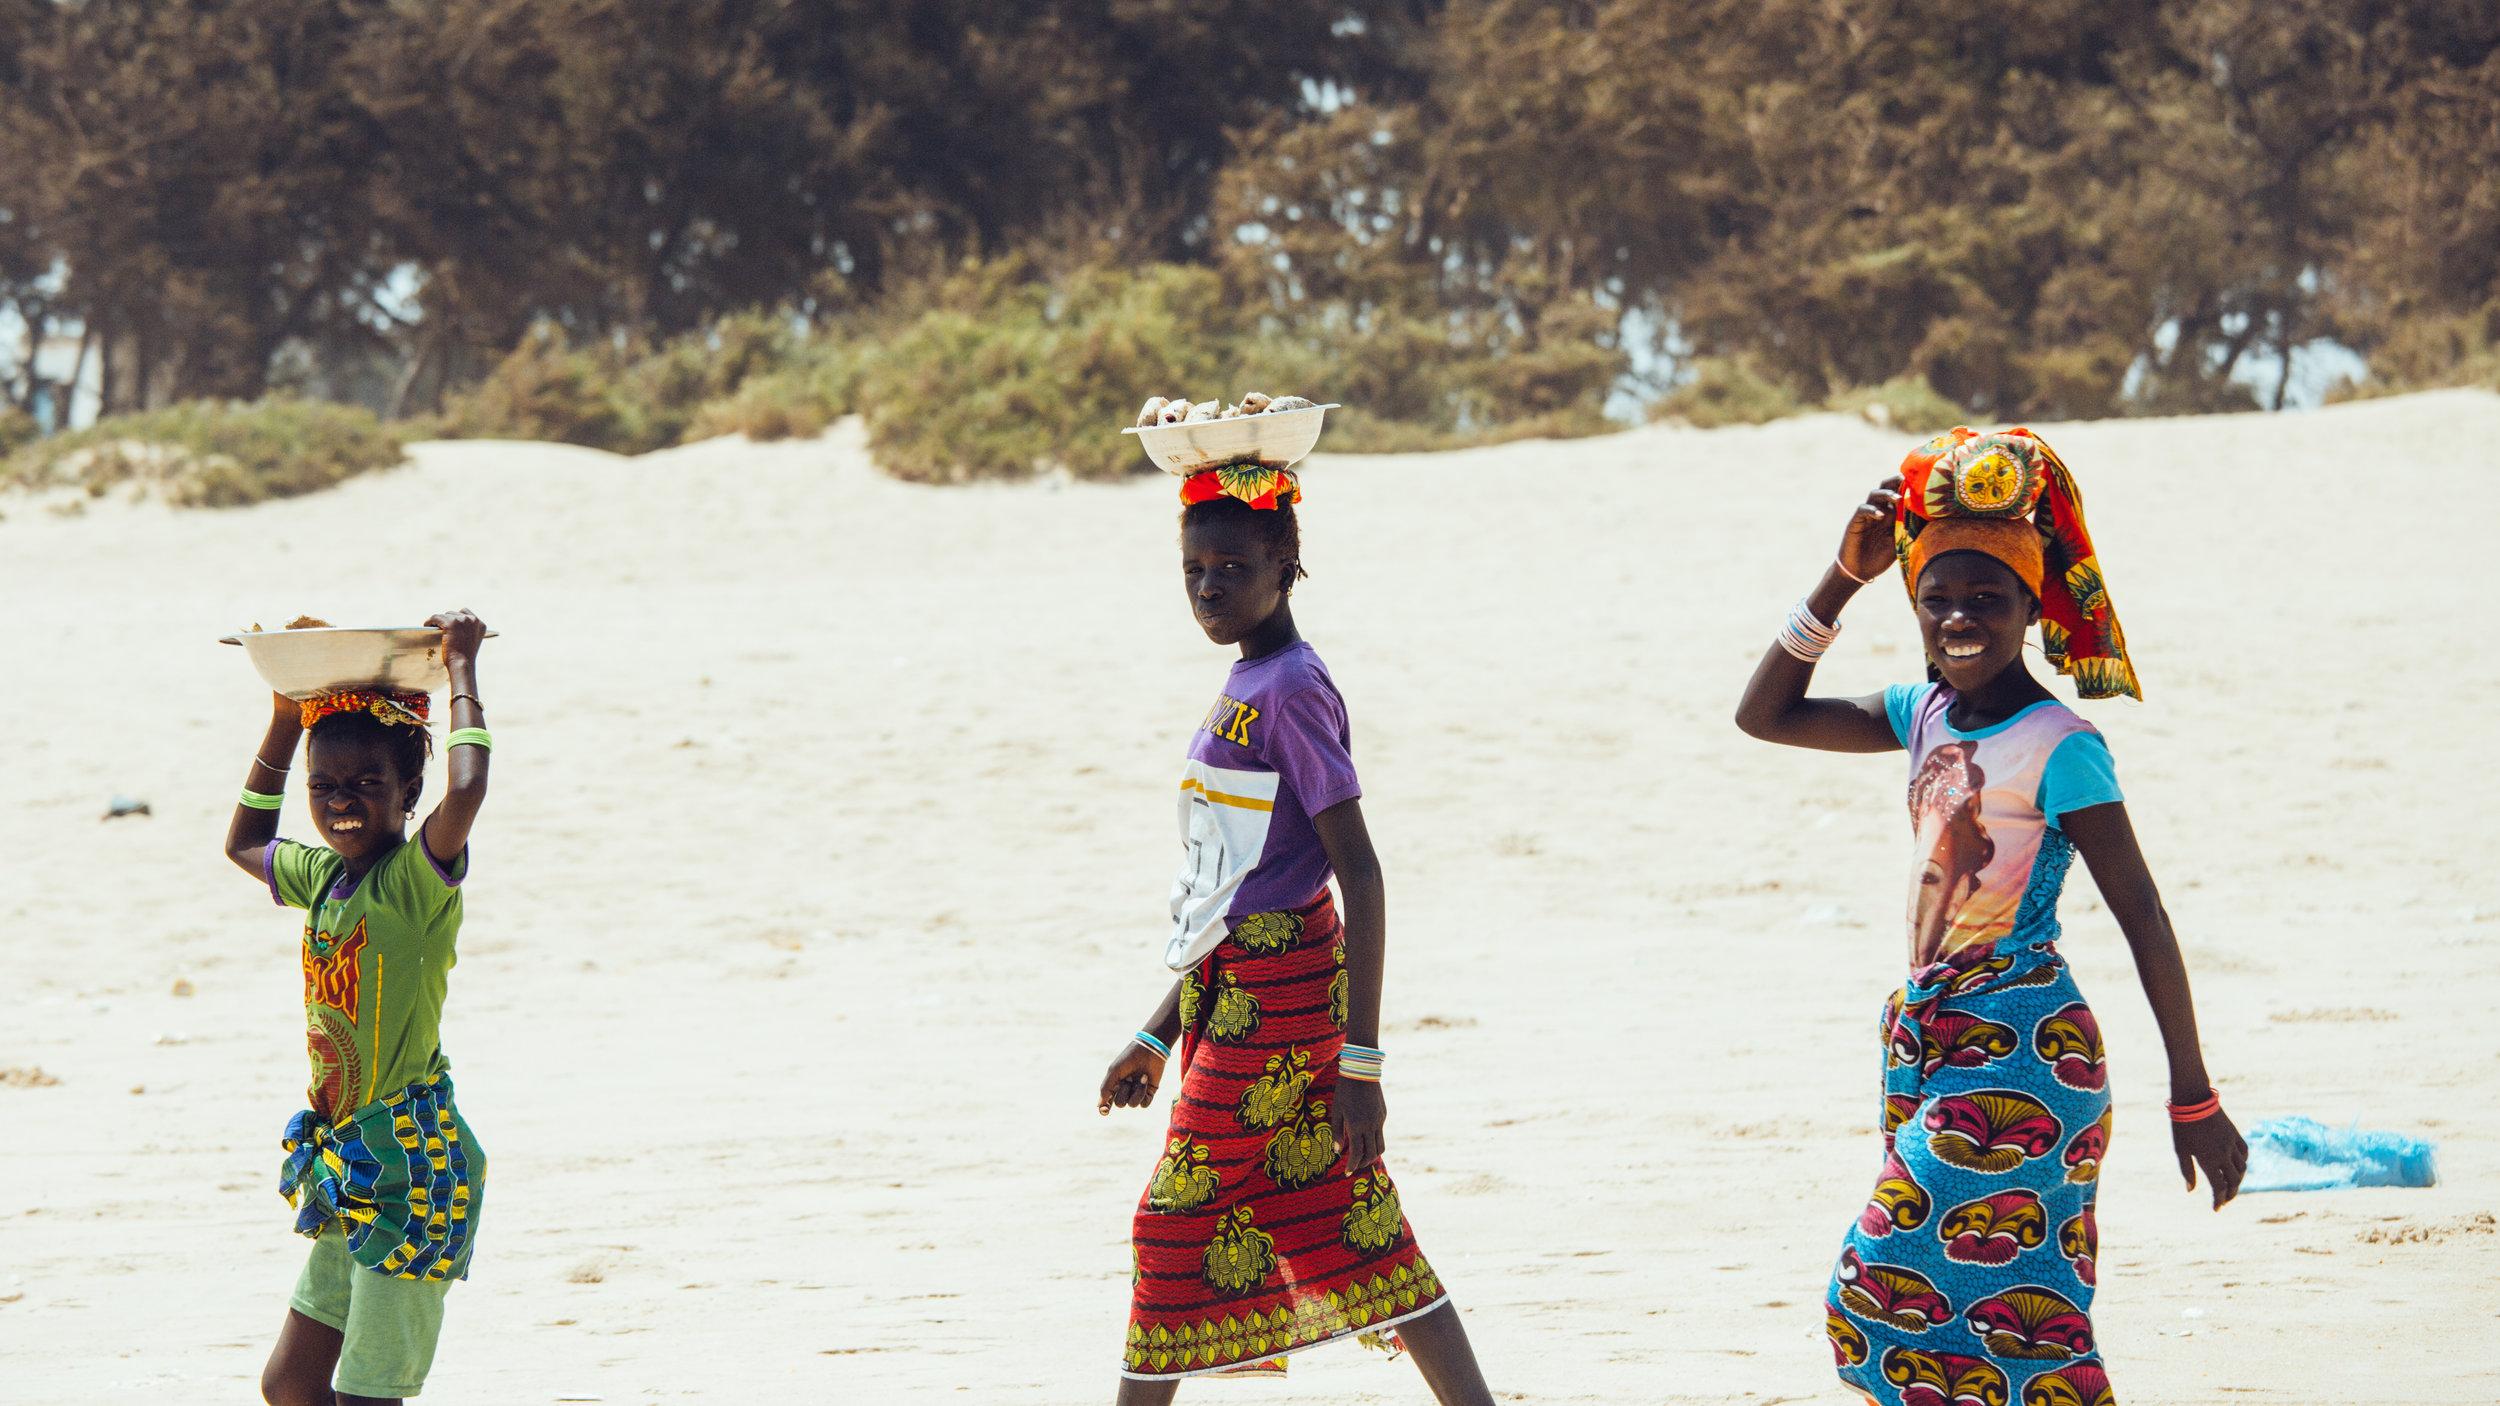 Senegal-16-9-15.jpg